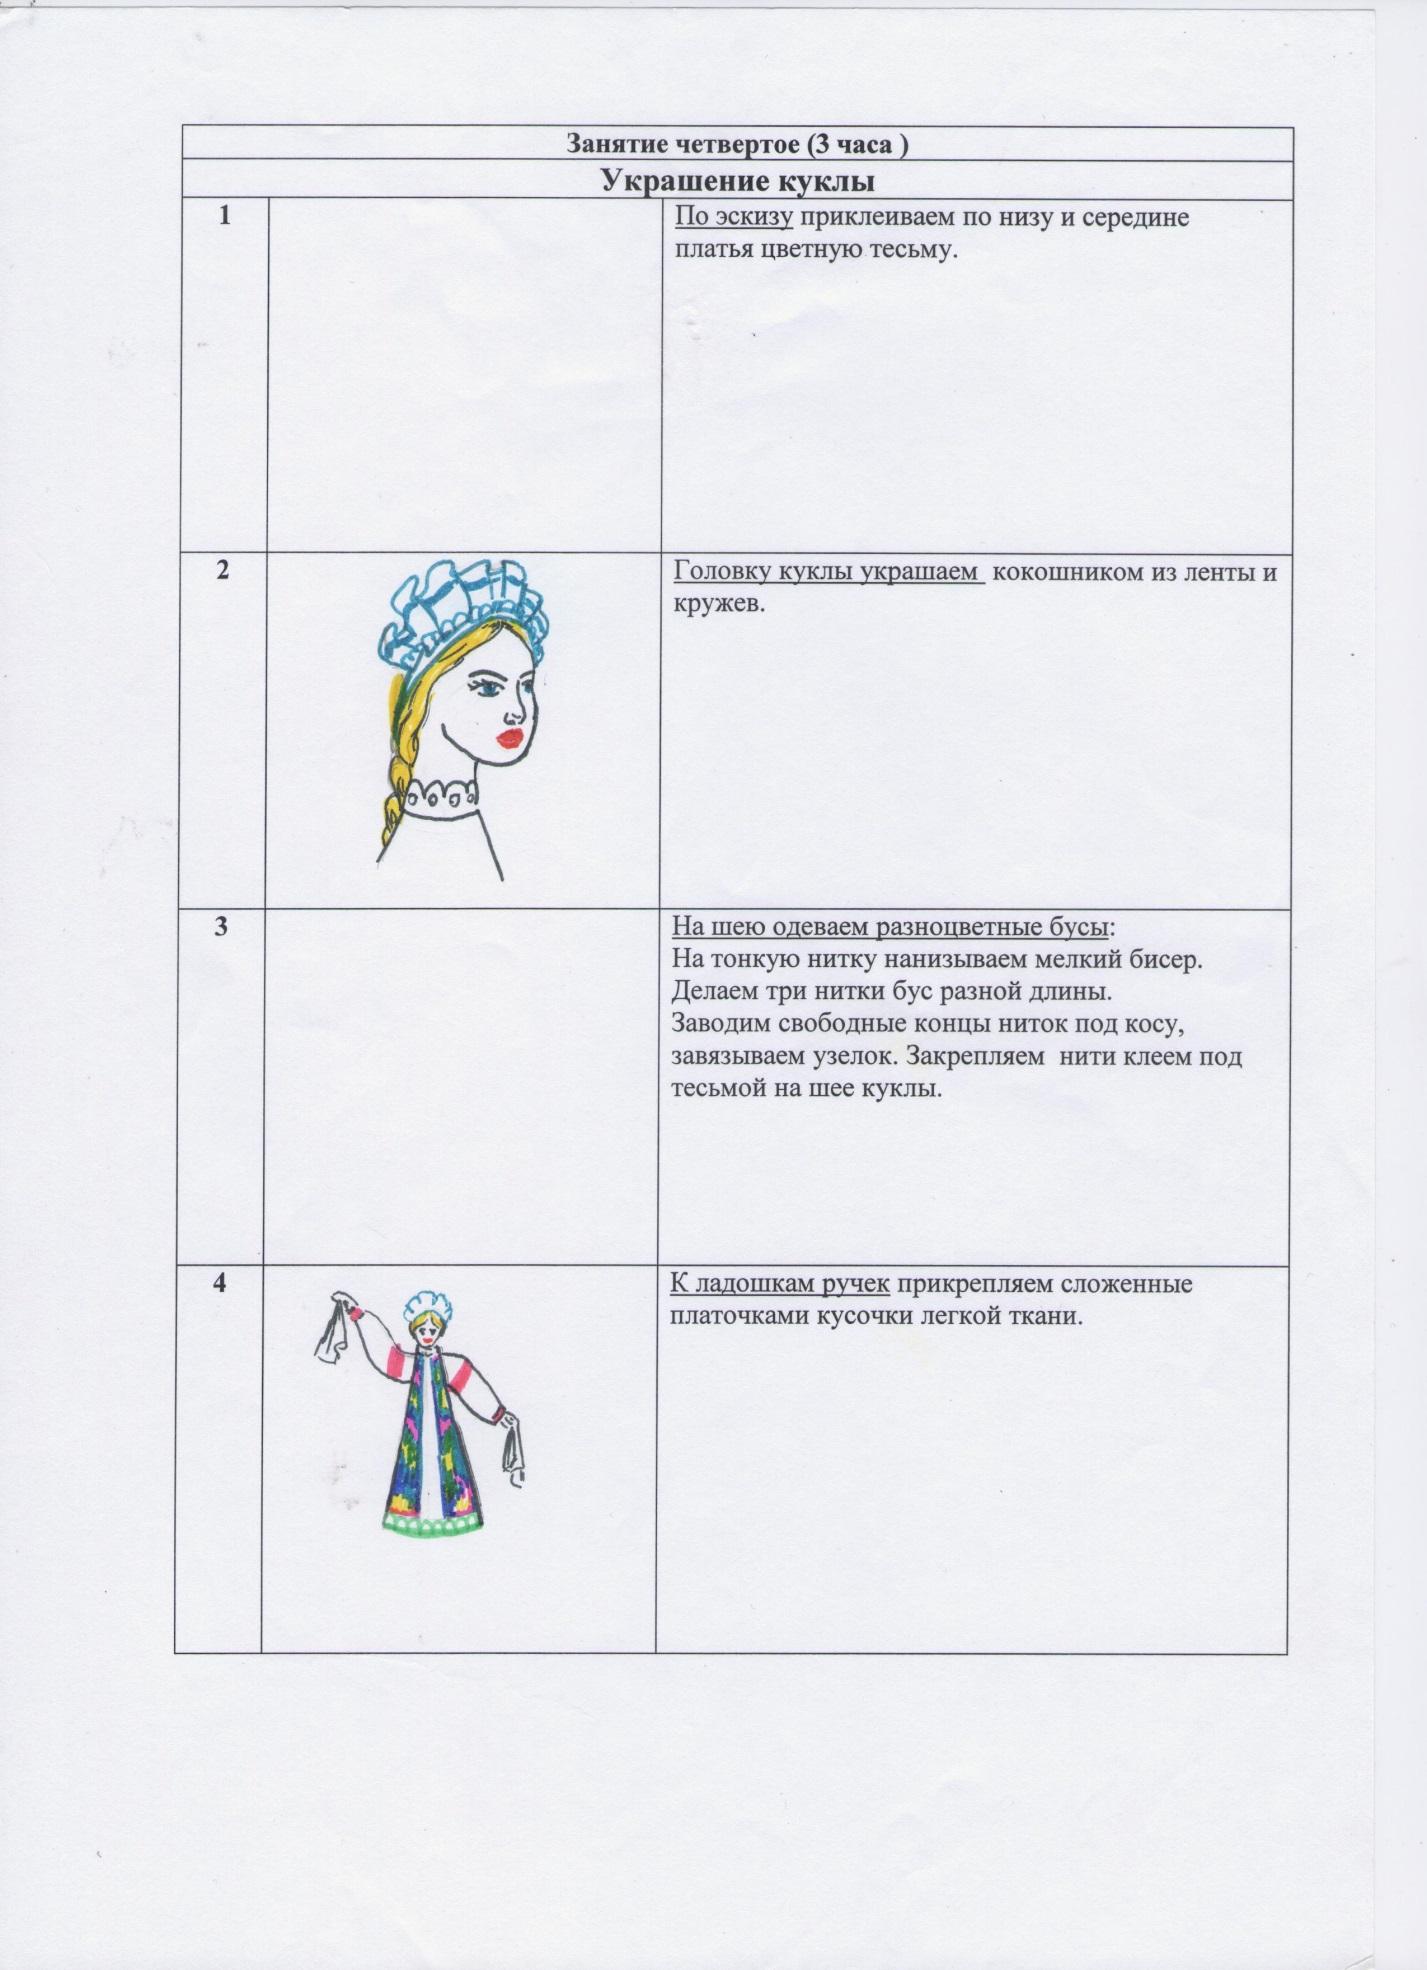 D:\с флешки\Методическая разработка\14. Инструкционная карта 5 лист.jpg